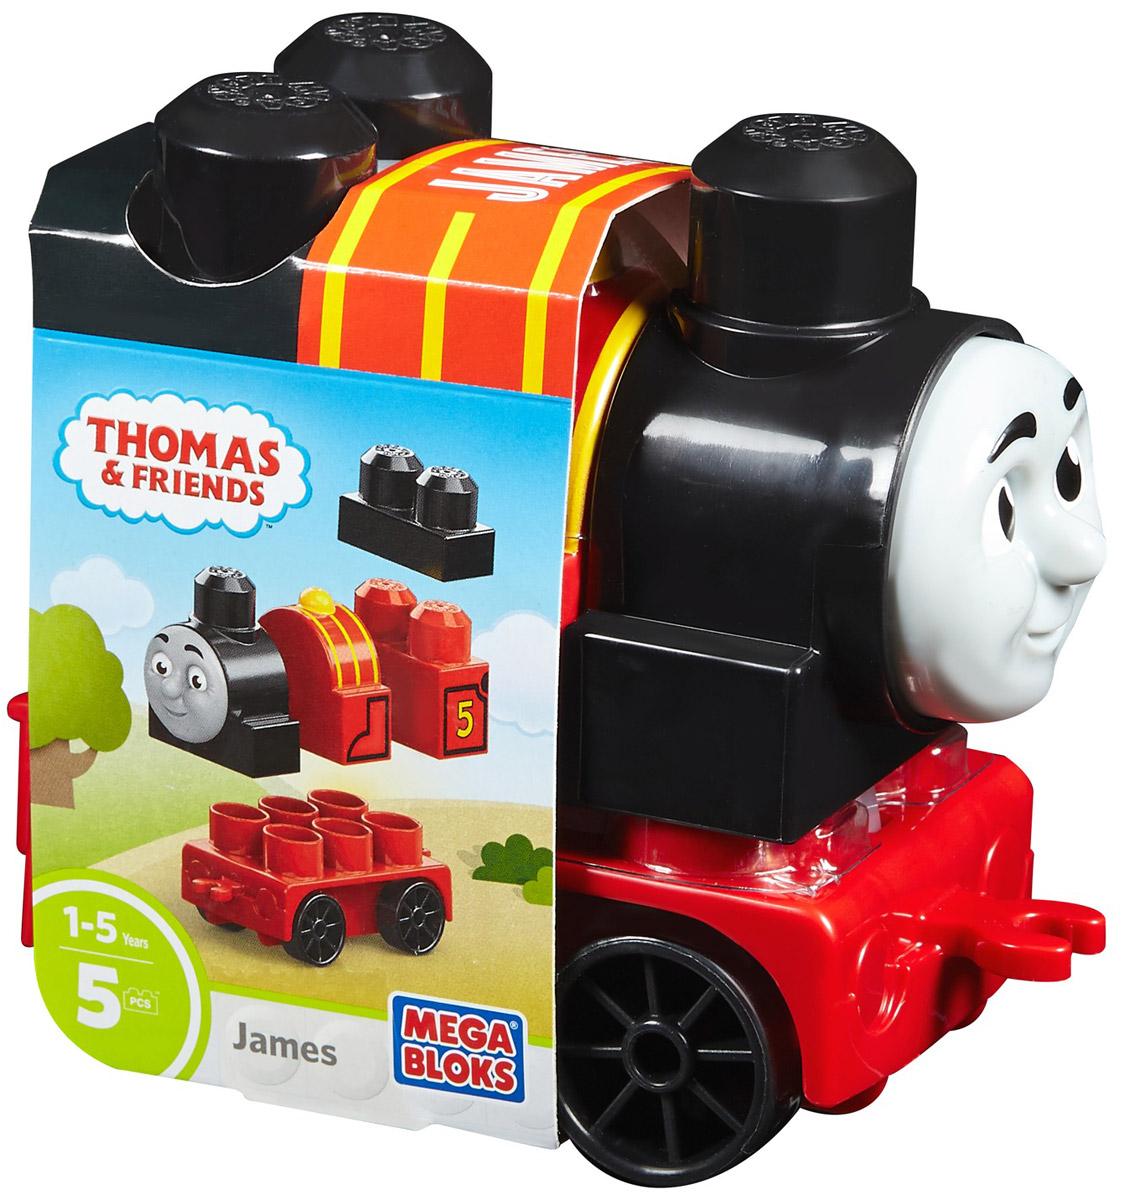 Mega Bloks Thomas & Friends Конструктор Паровозик Джеймс конструкторы mega bloks томас и друзья томас и гарольд